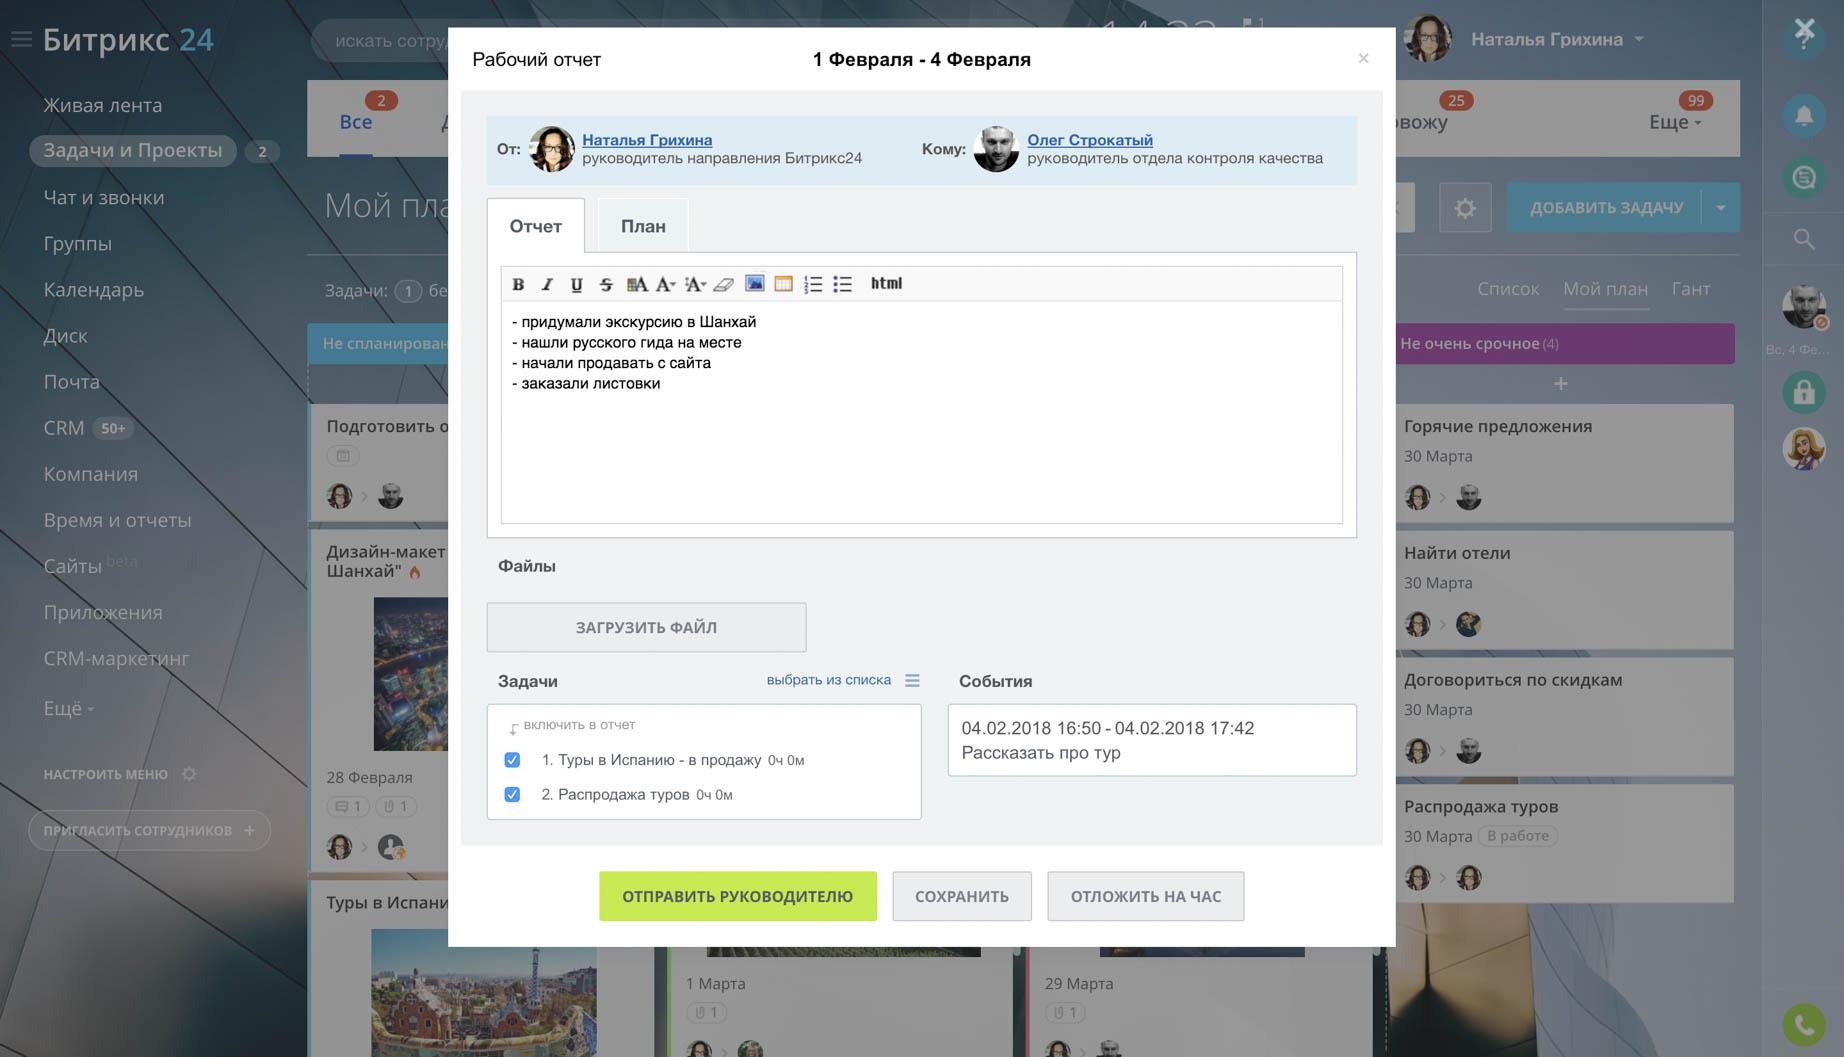 Vet bitrix24 ru амо срм позвонить